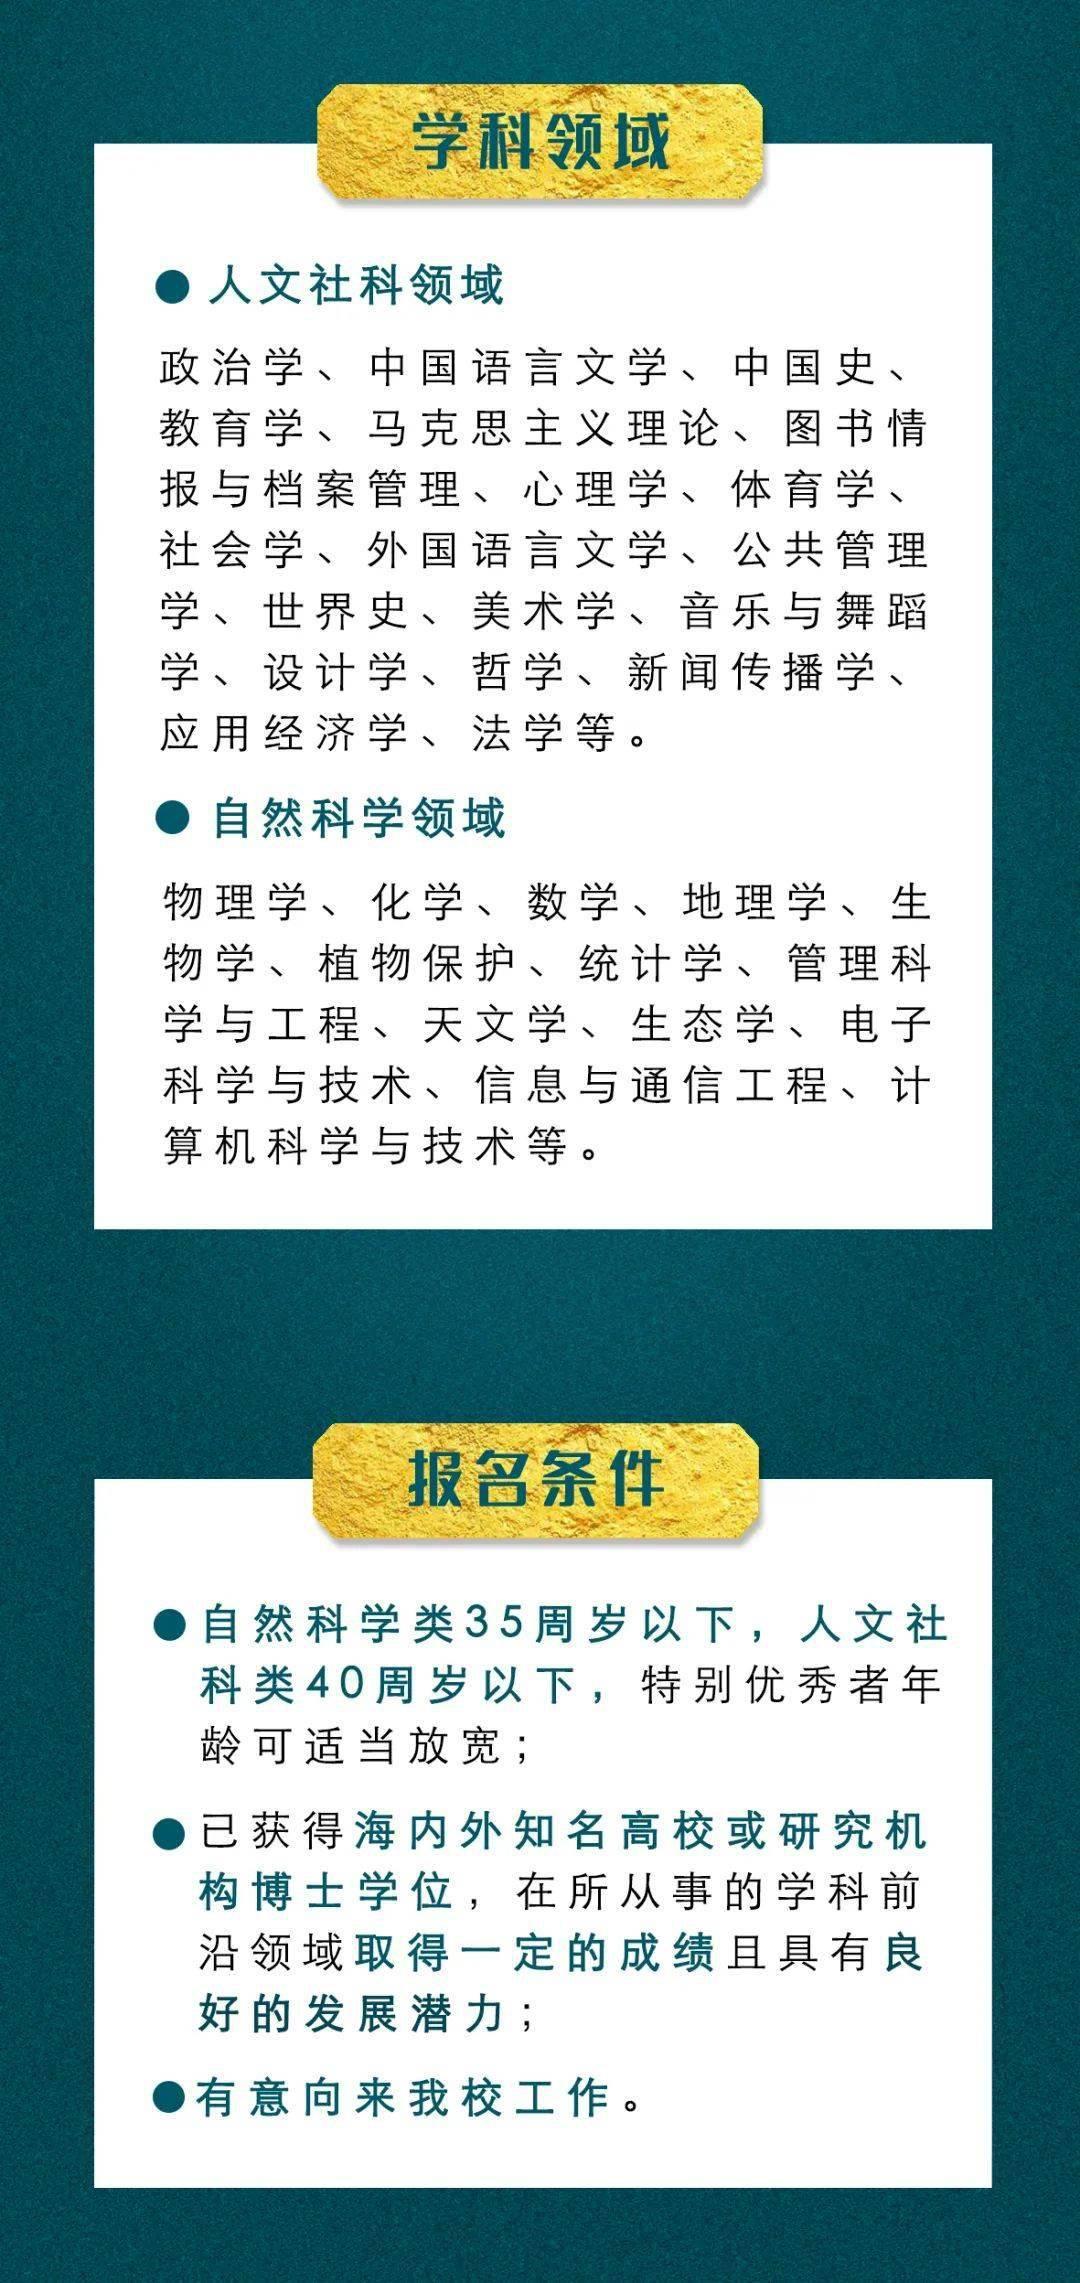 华中师范大学国际青年学者论坛(12/28-31)